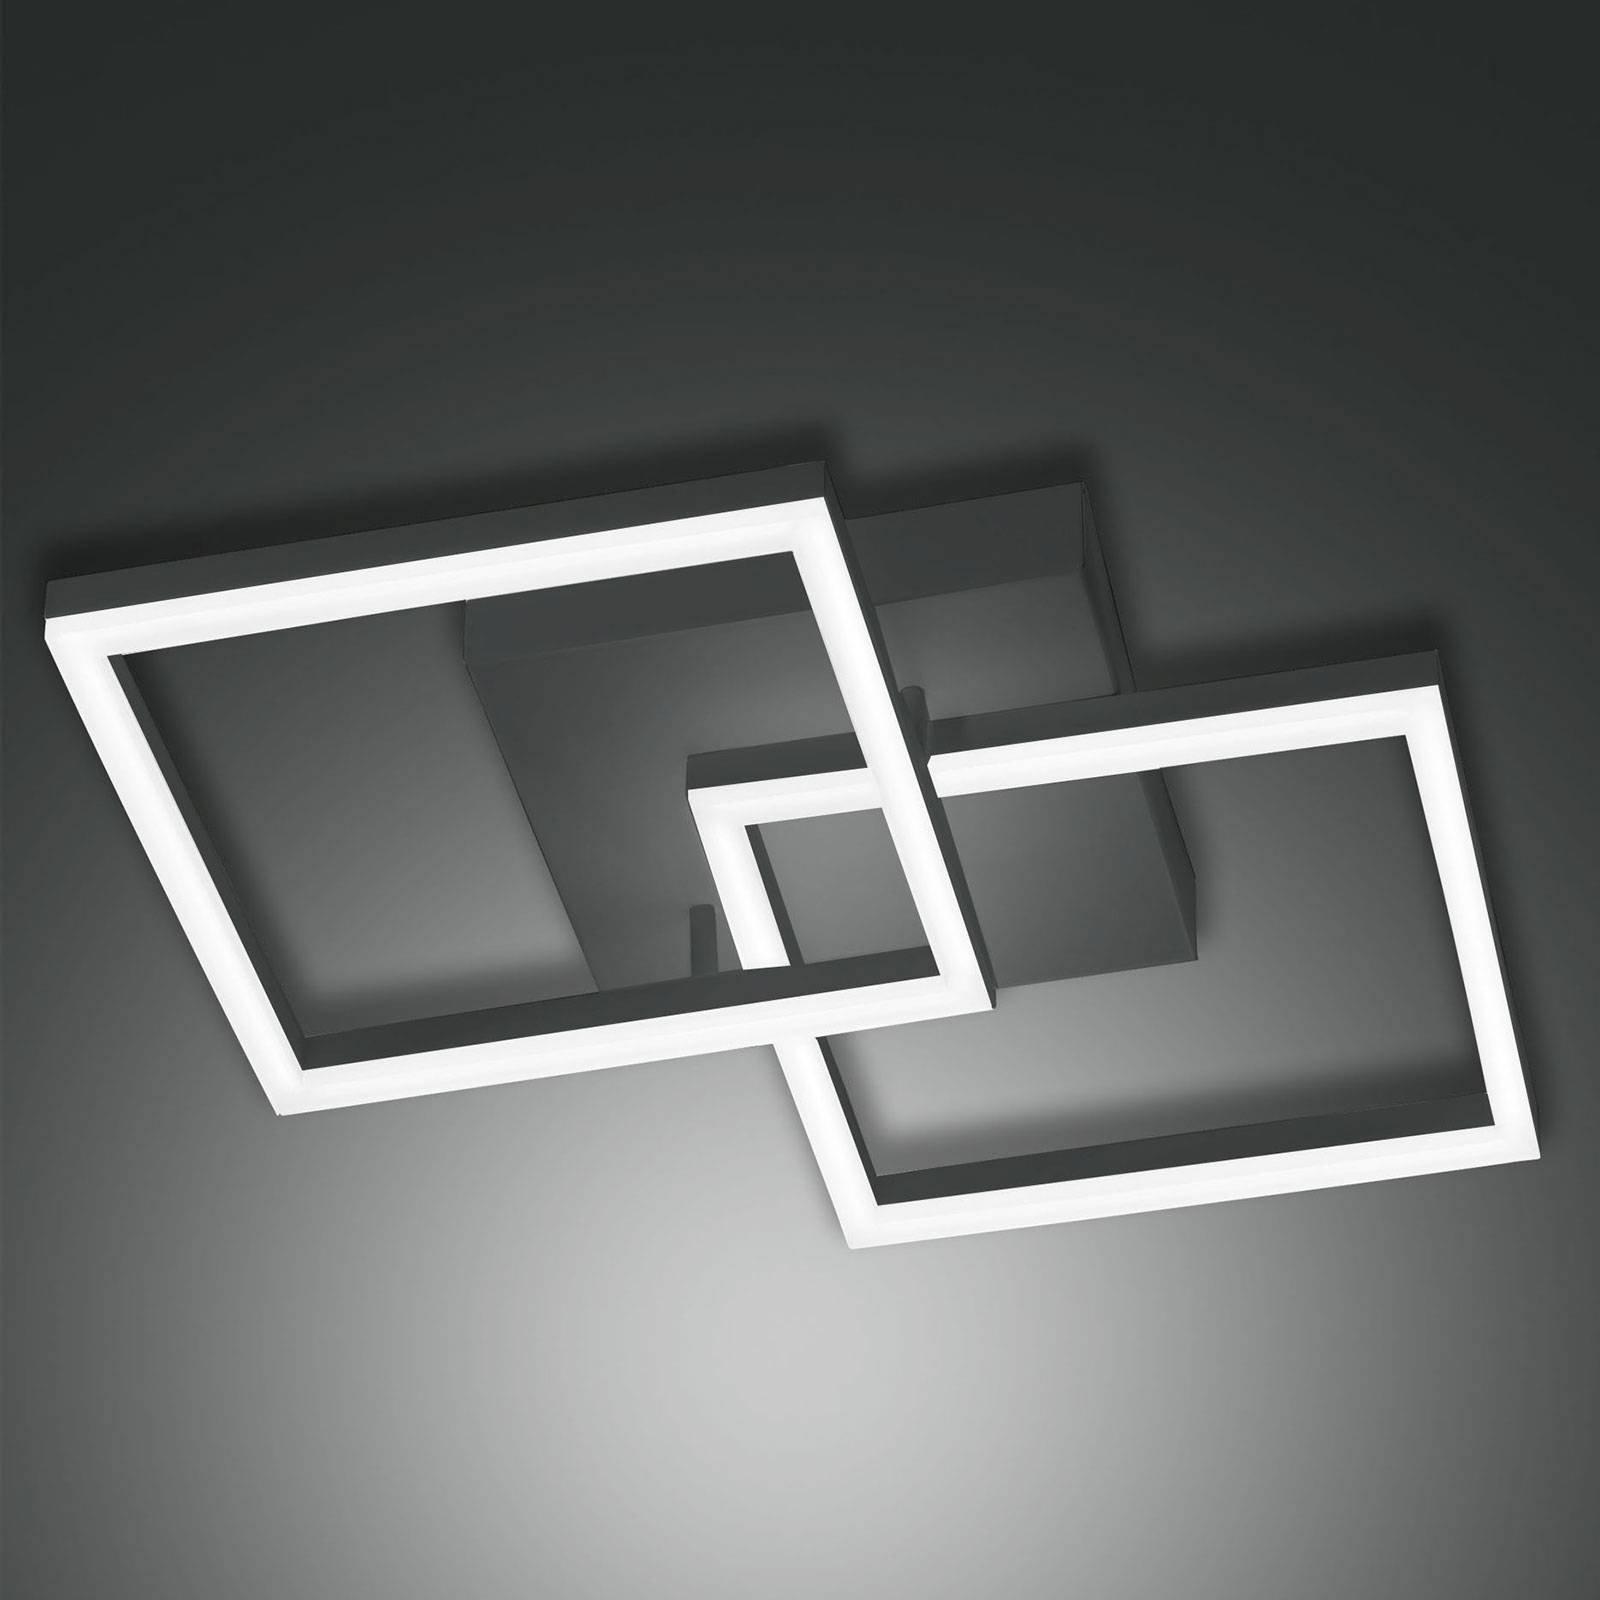 Bard LED-taklampe, 45x45 cm 2 lyskilder, antrasitt